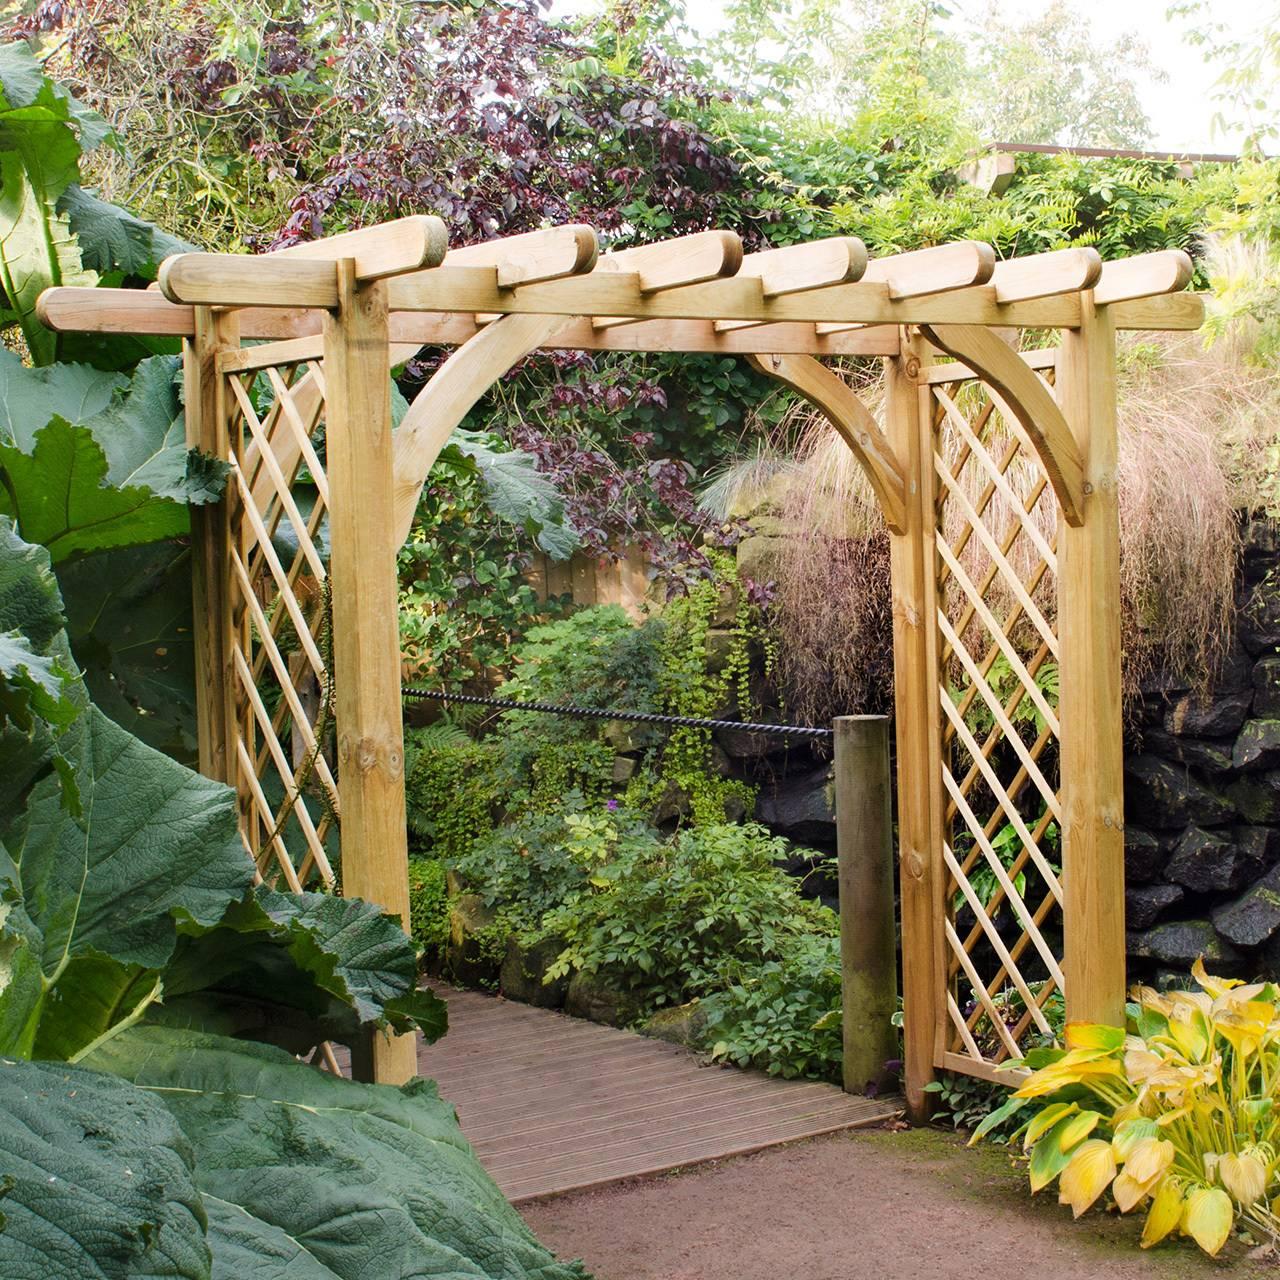 Пергола своими руками: как сделать садовую арку для дачи, инструкция, фото дизайнов – кошкин дом